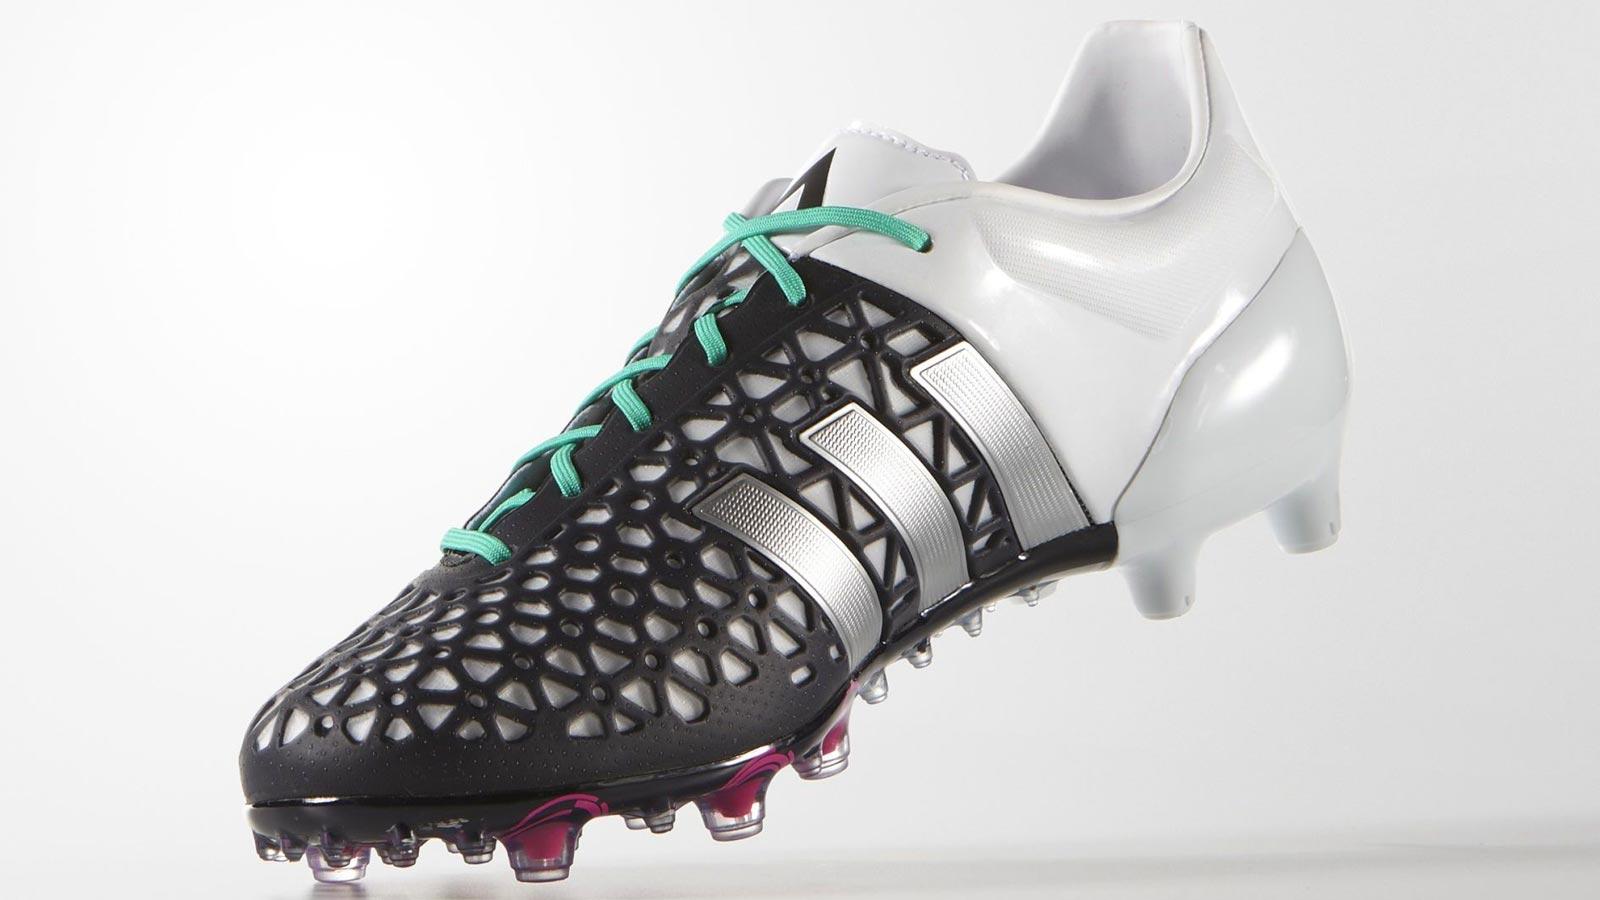 Adidas Ace 15.1 Schwarz